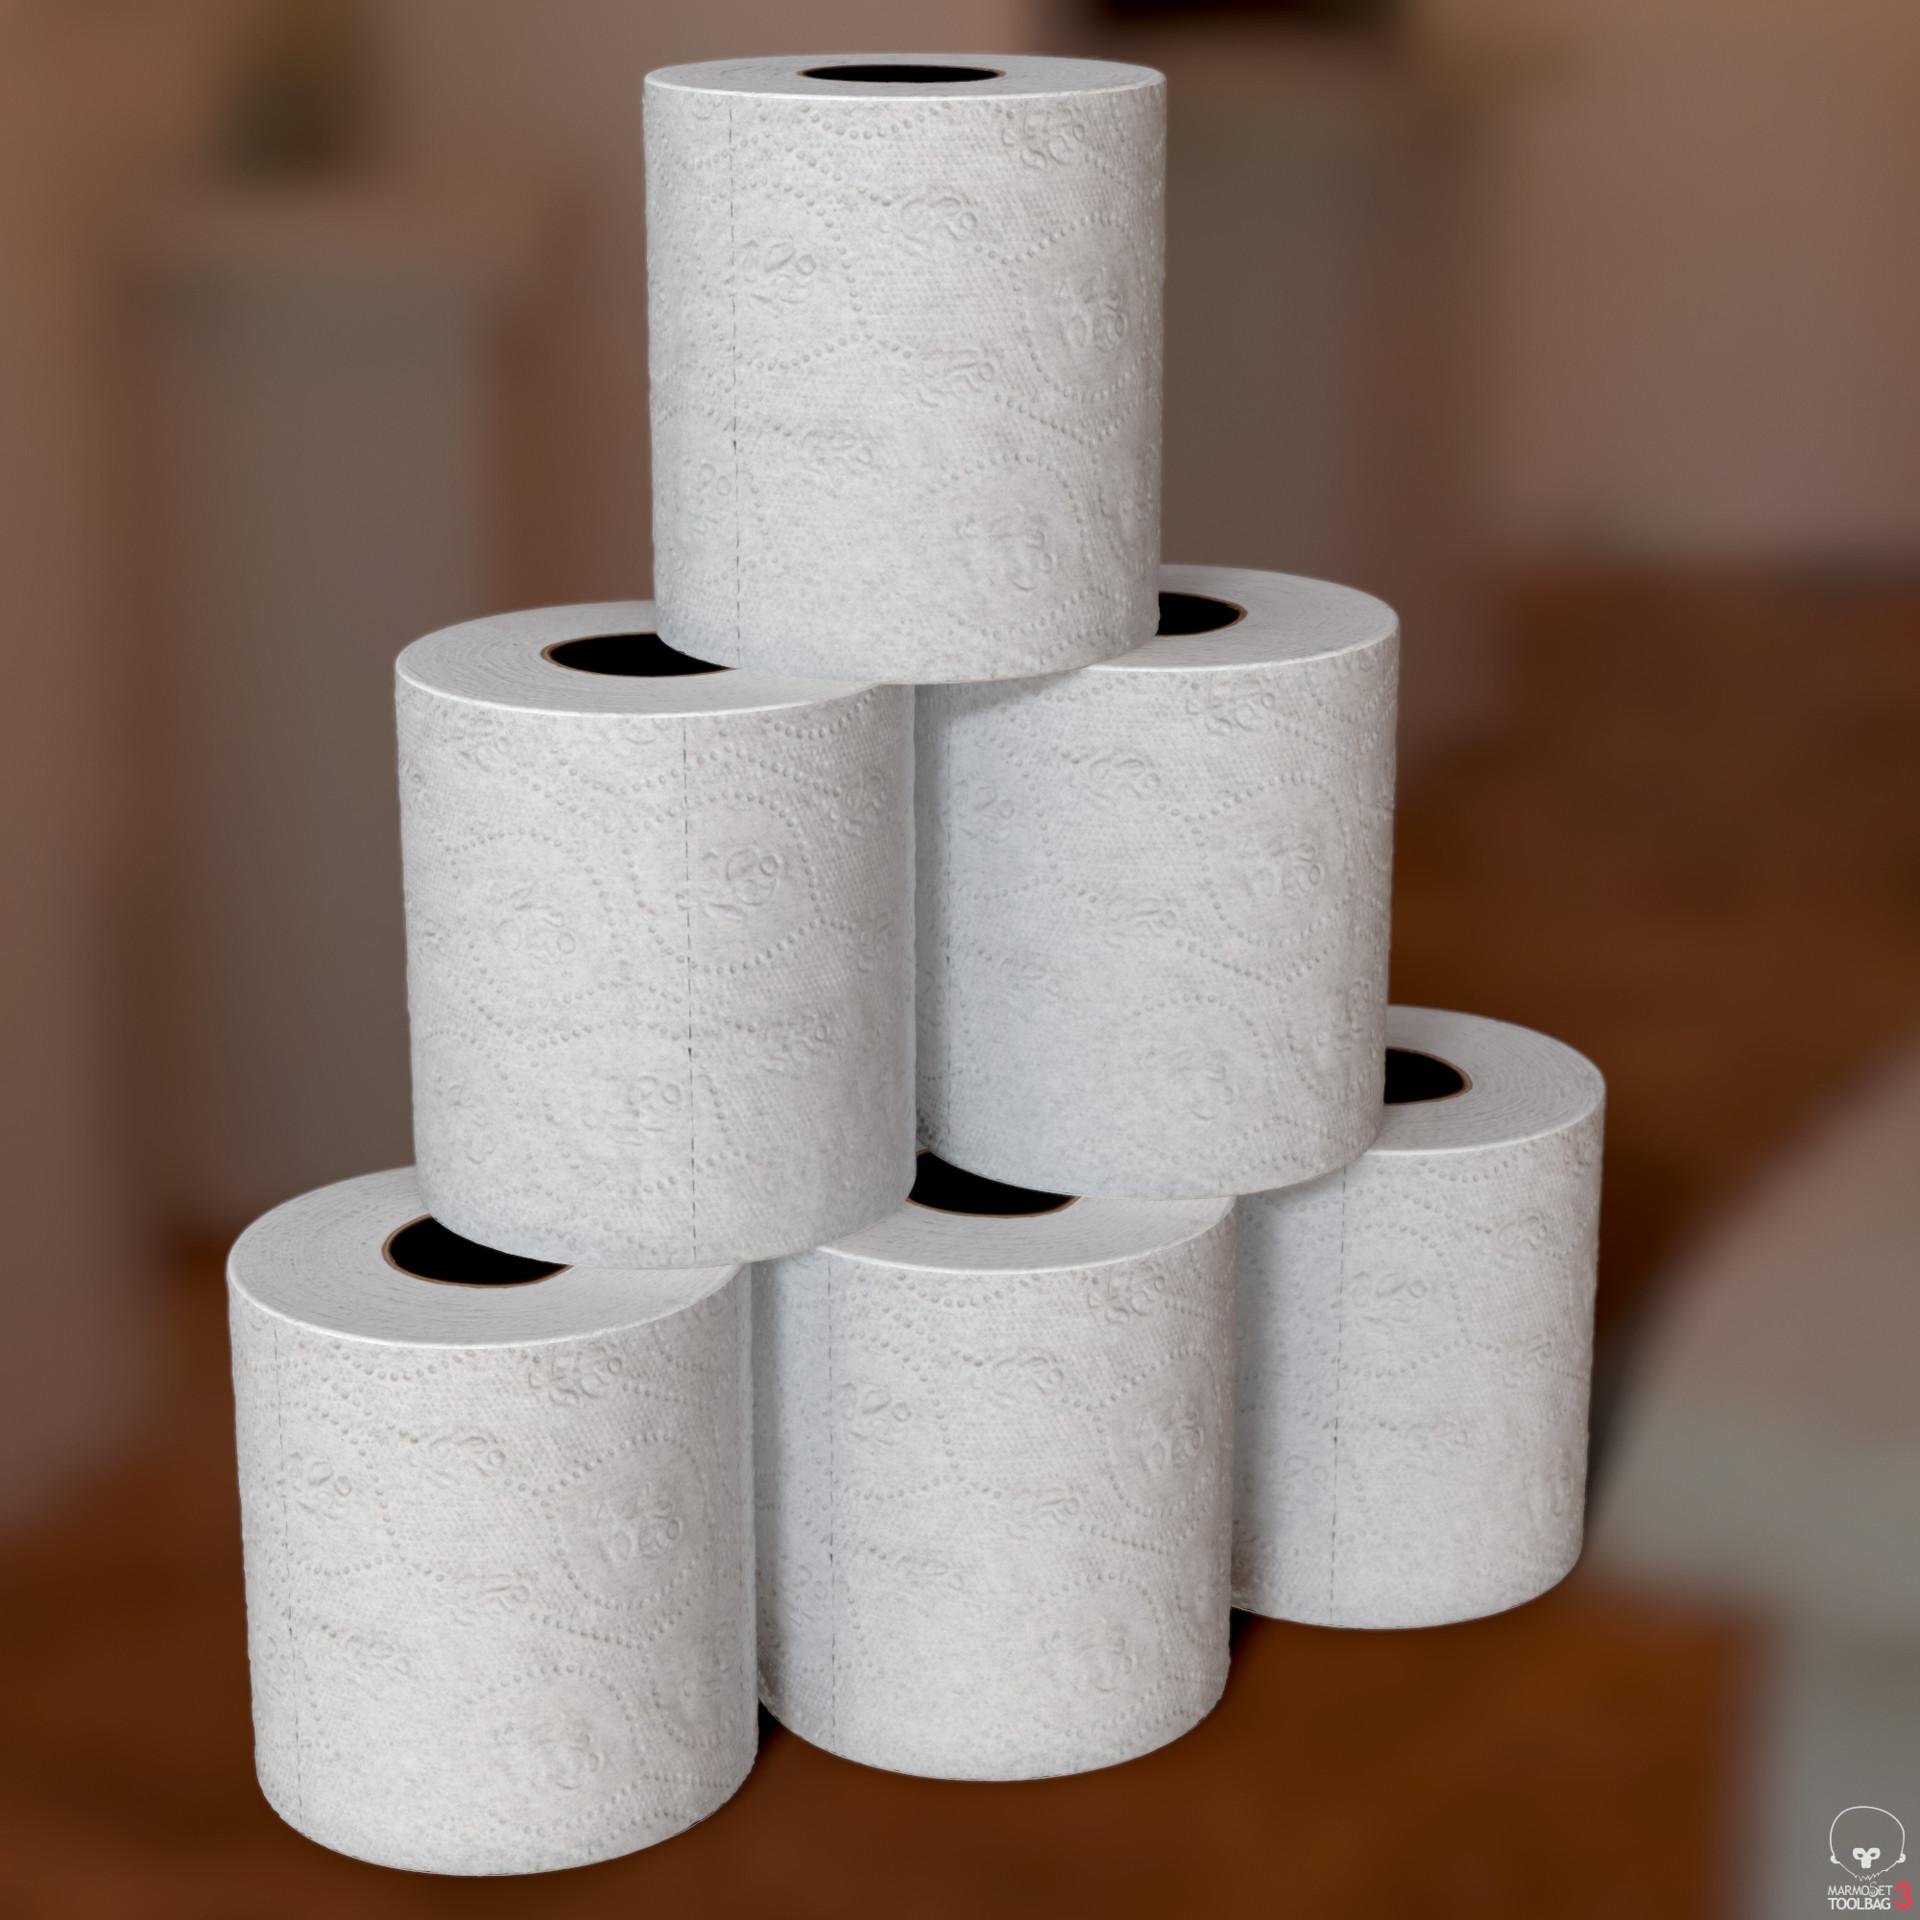 Dave riganelli toiletpaper4